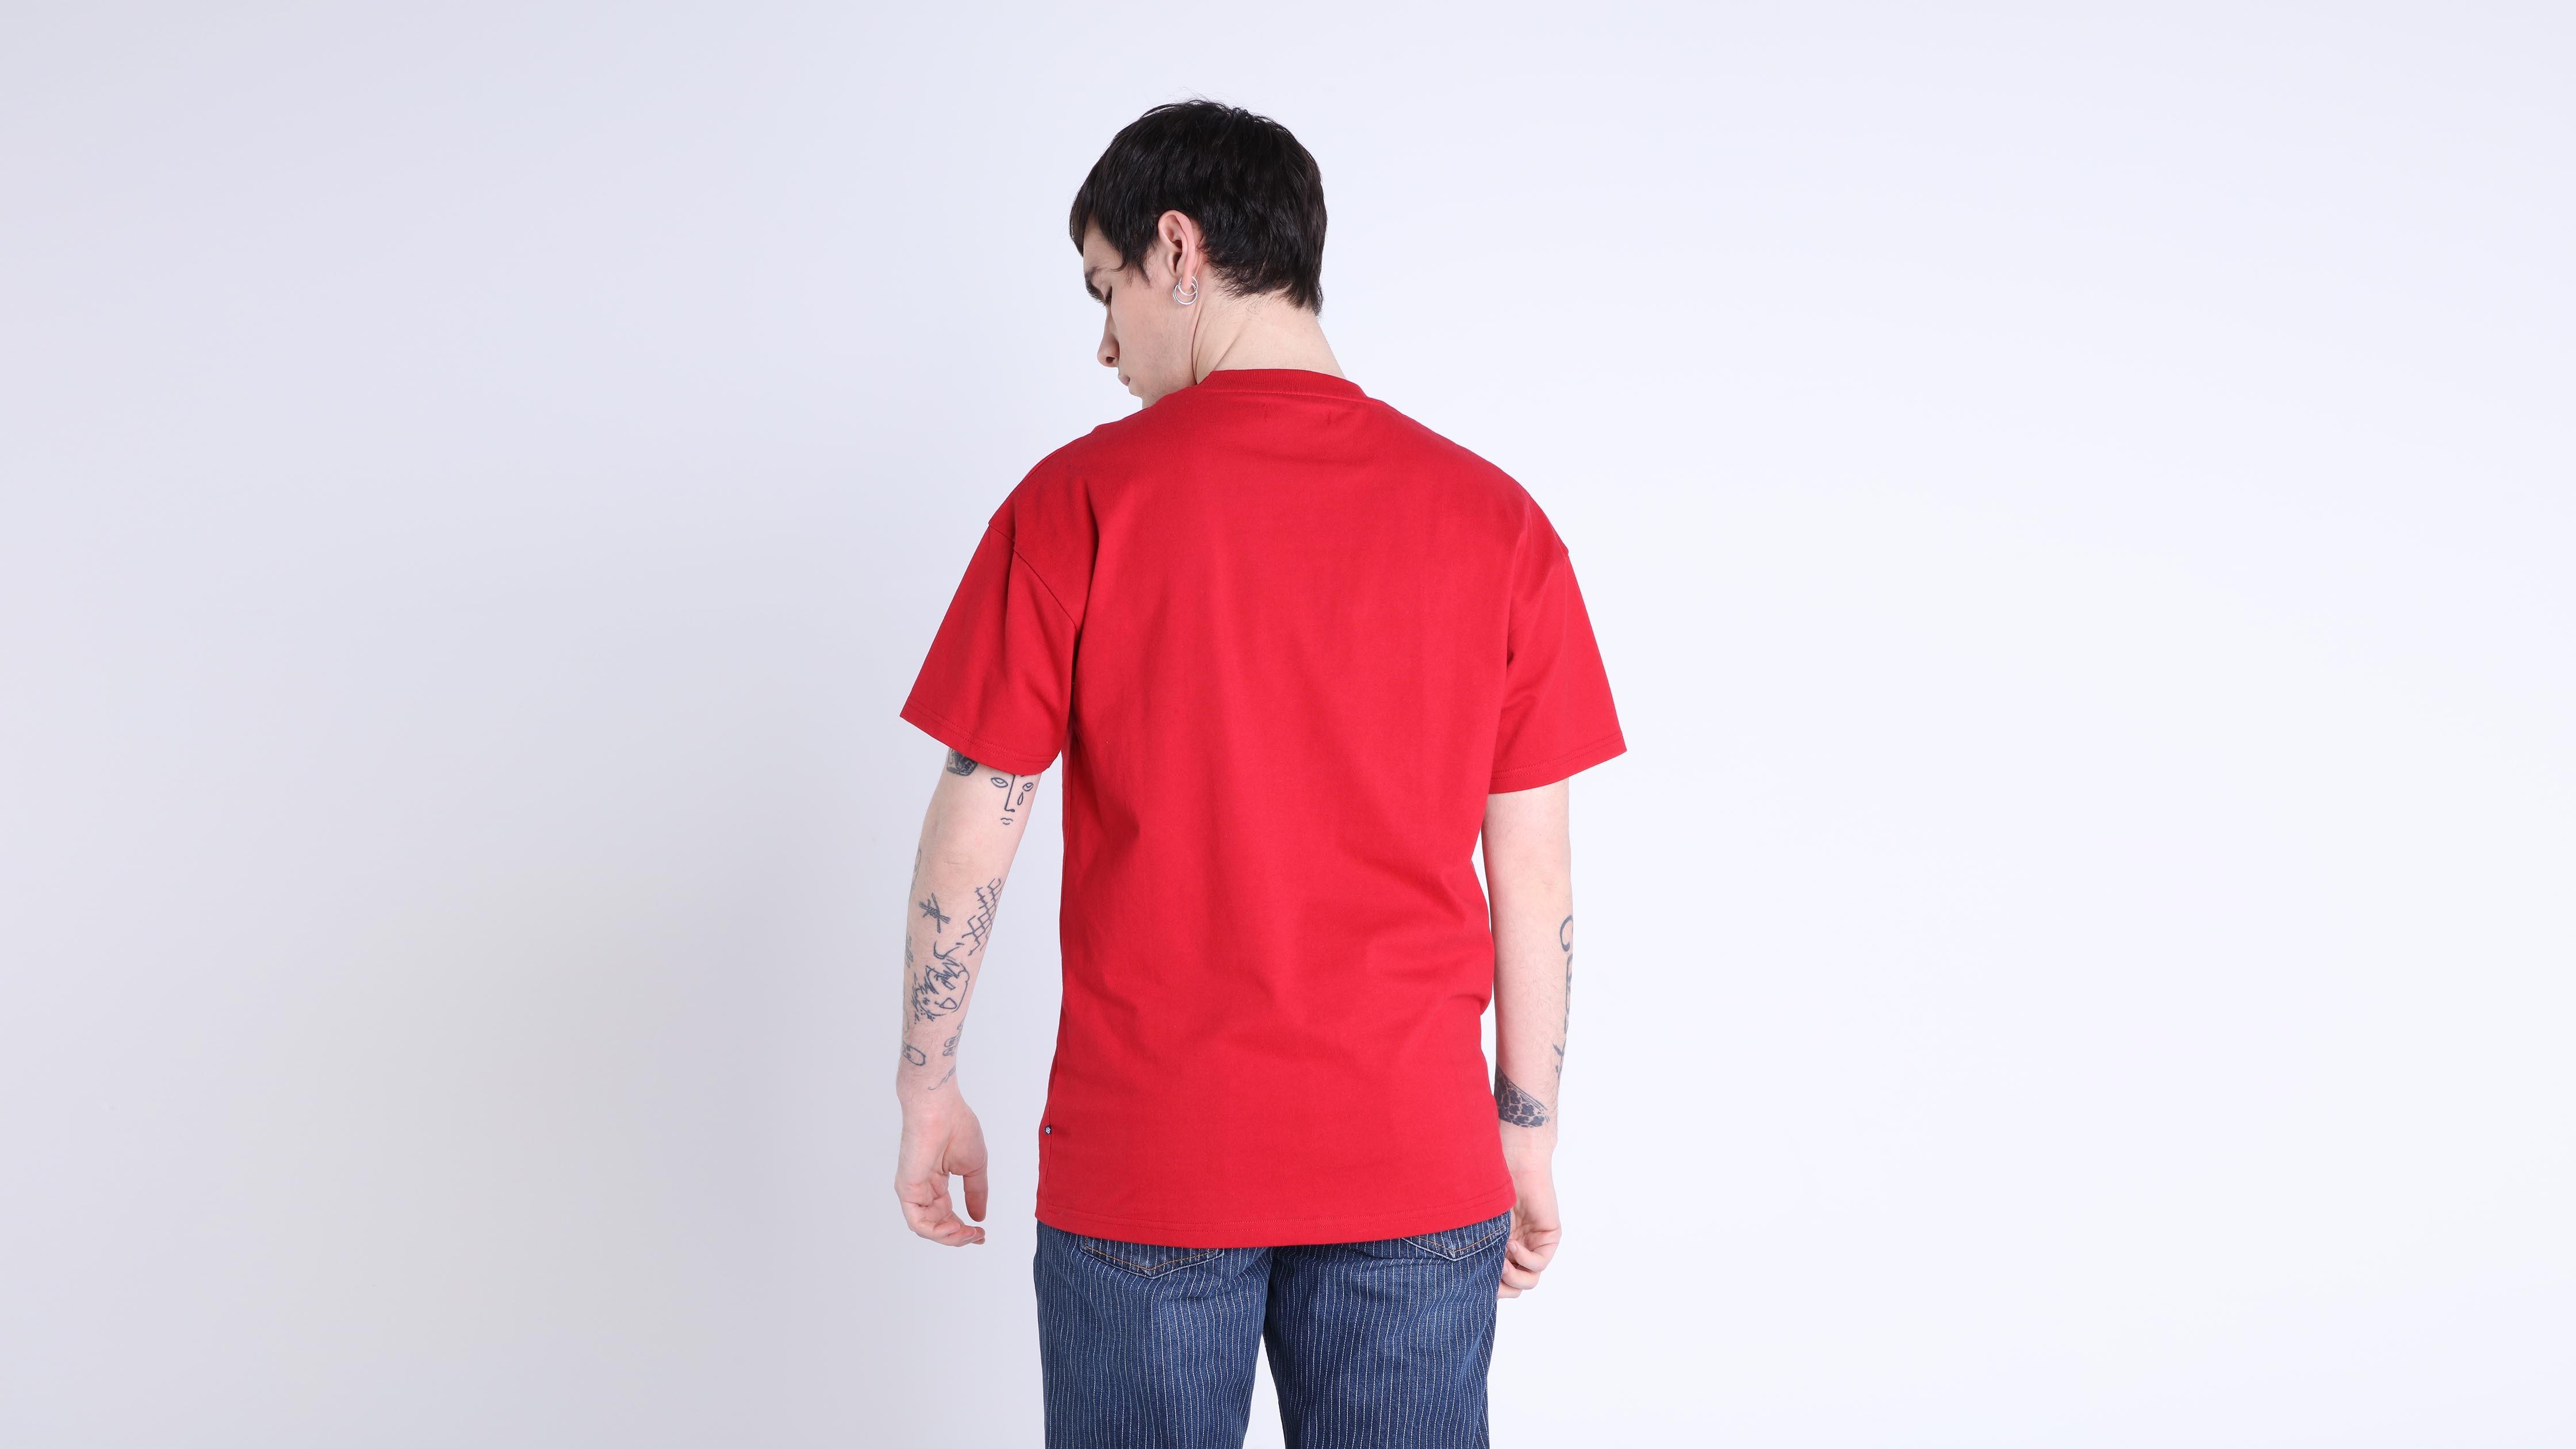 Shirt Courtes Manches Homme T Rouge UpqSzMV